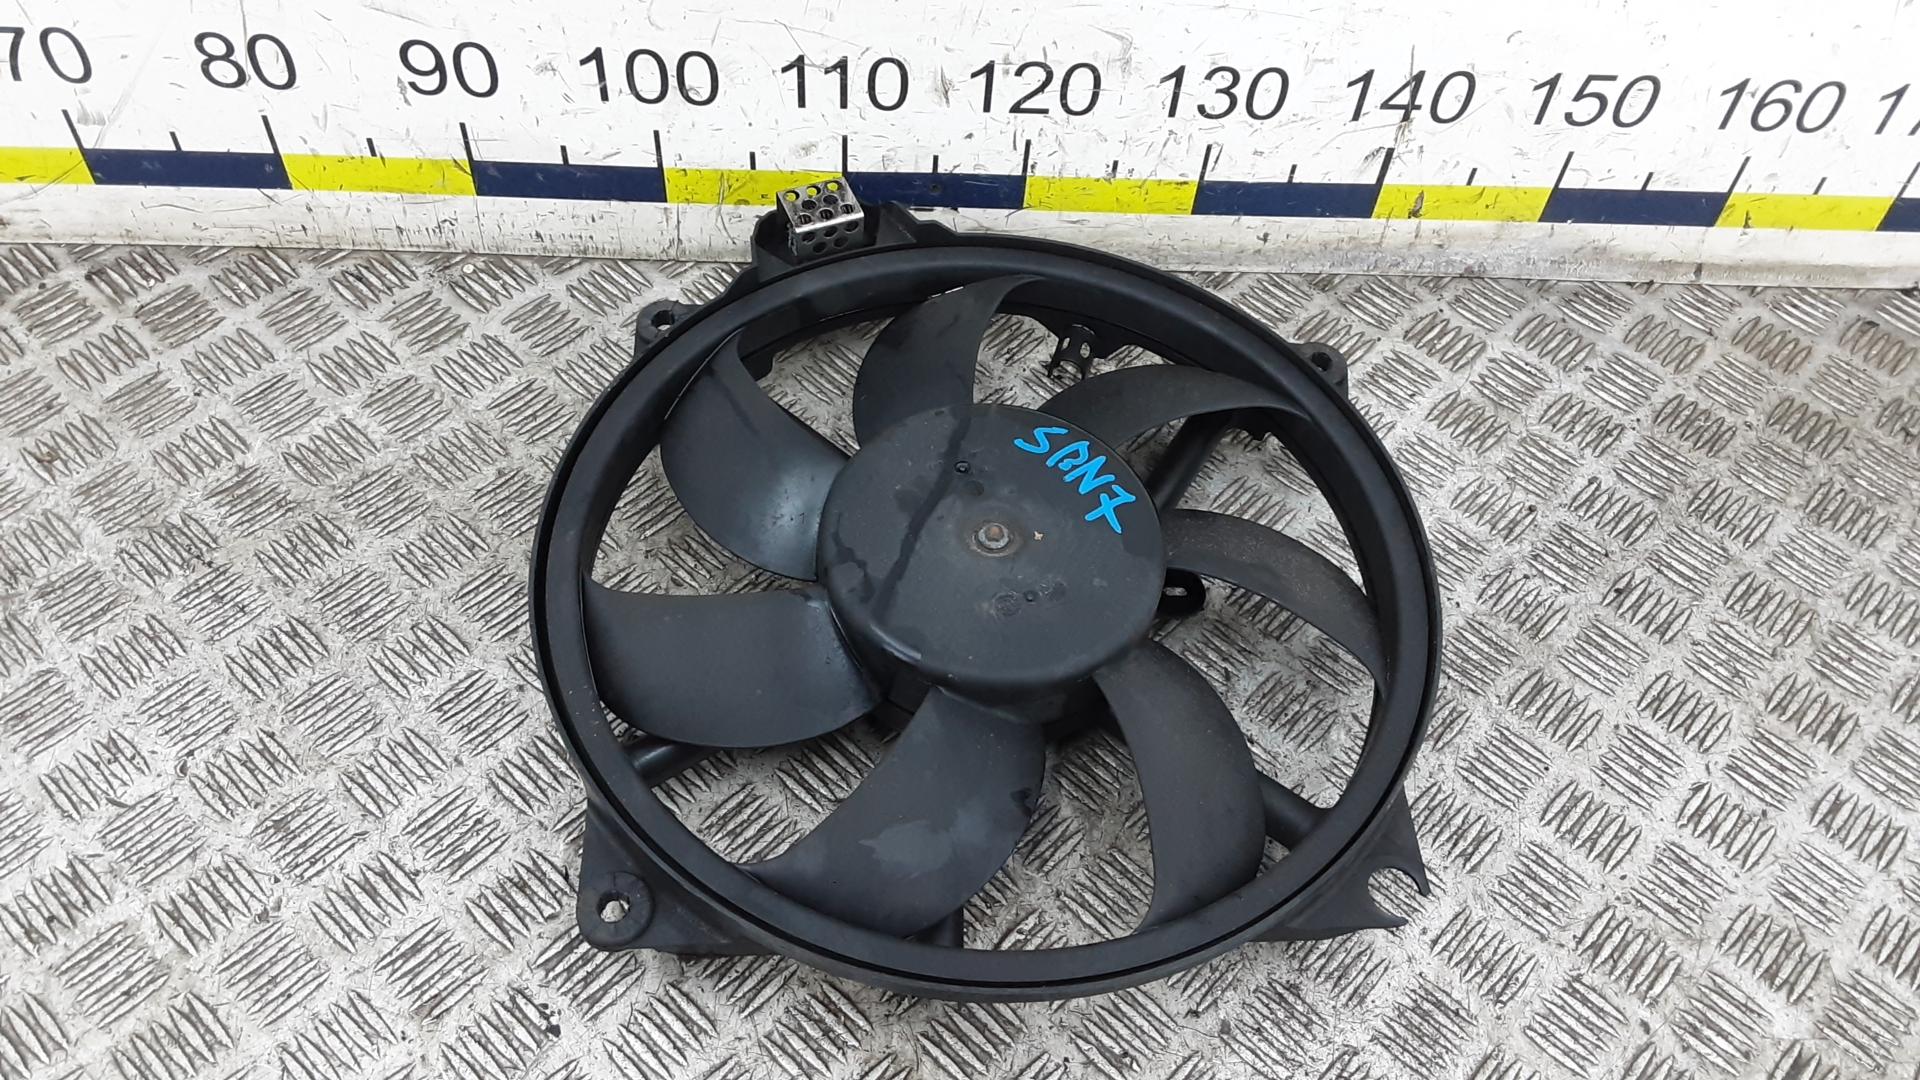 Вентилятор радиатора, RENAULT, SCENIC 3 GRAND SCENIC, 2011